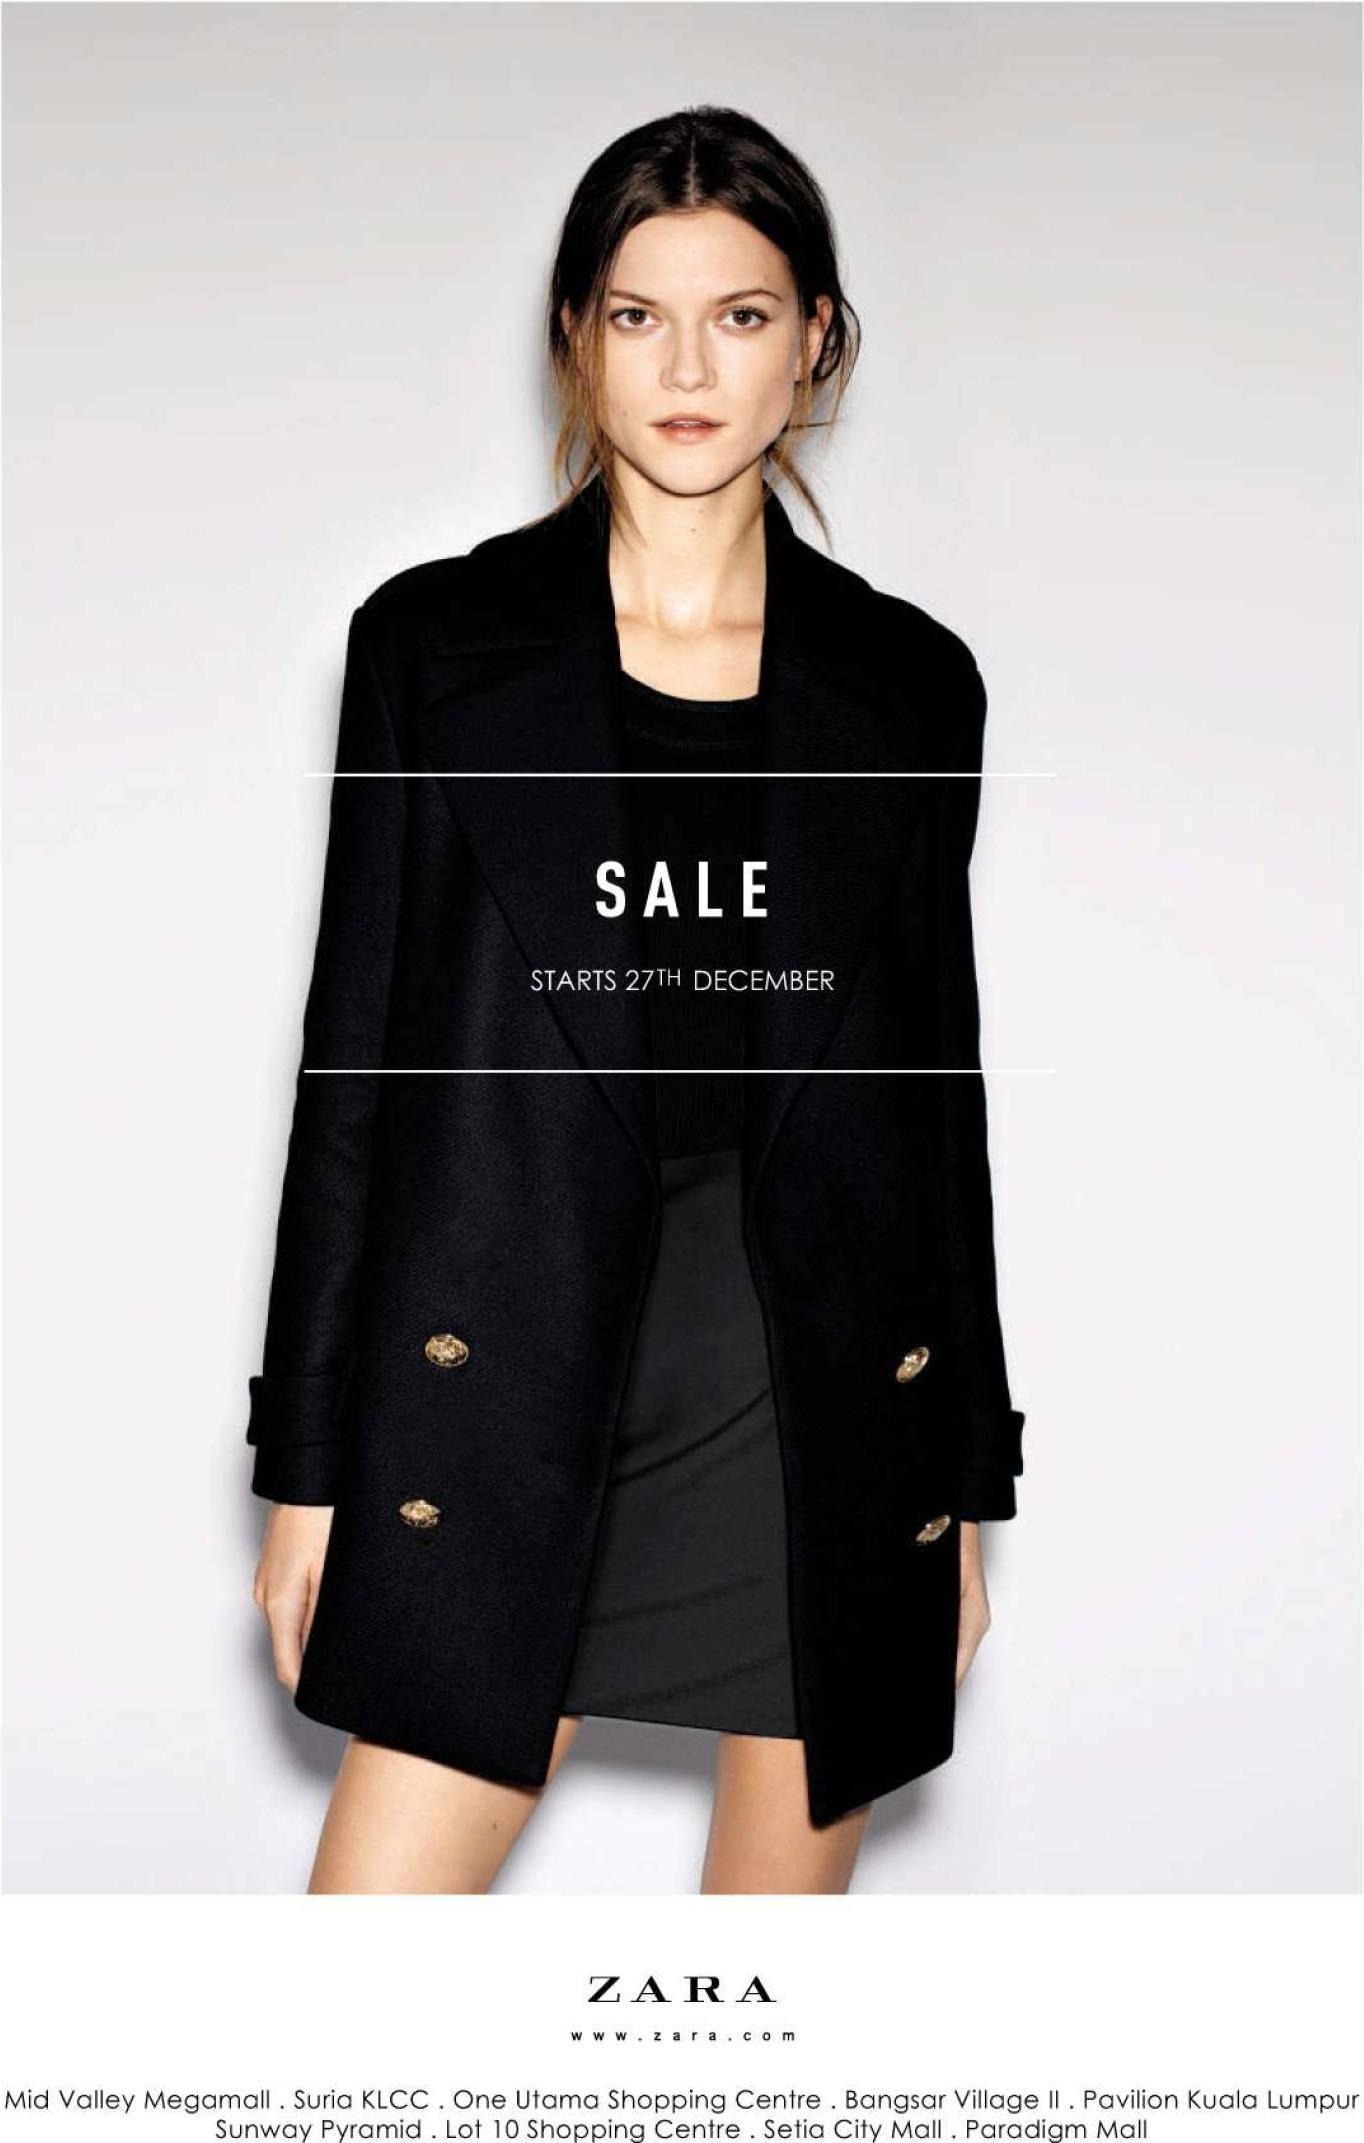 Zara poster design - Zara Sale